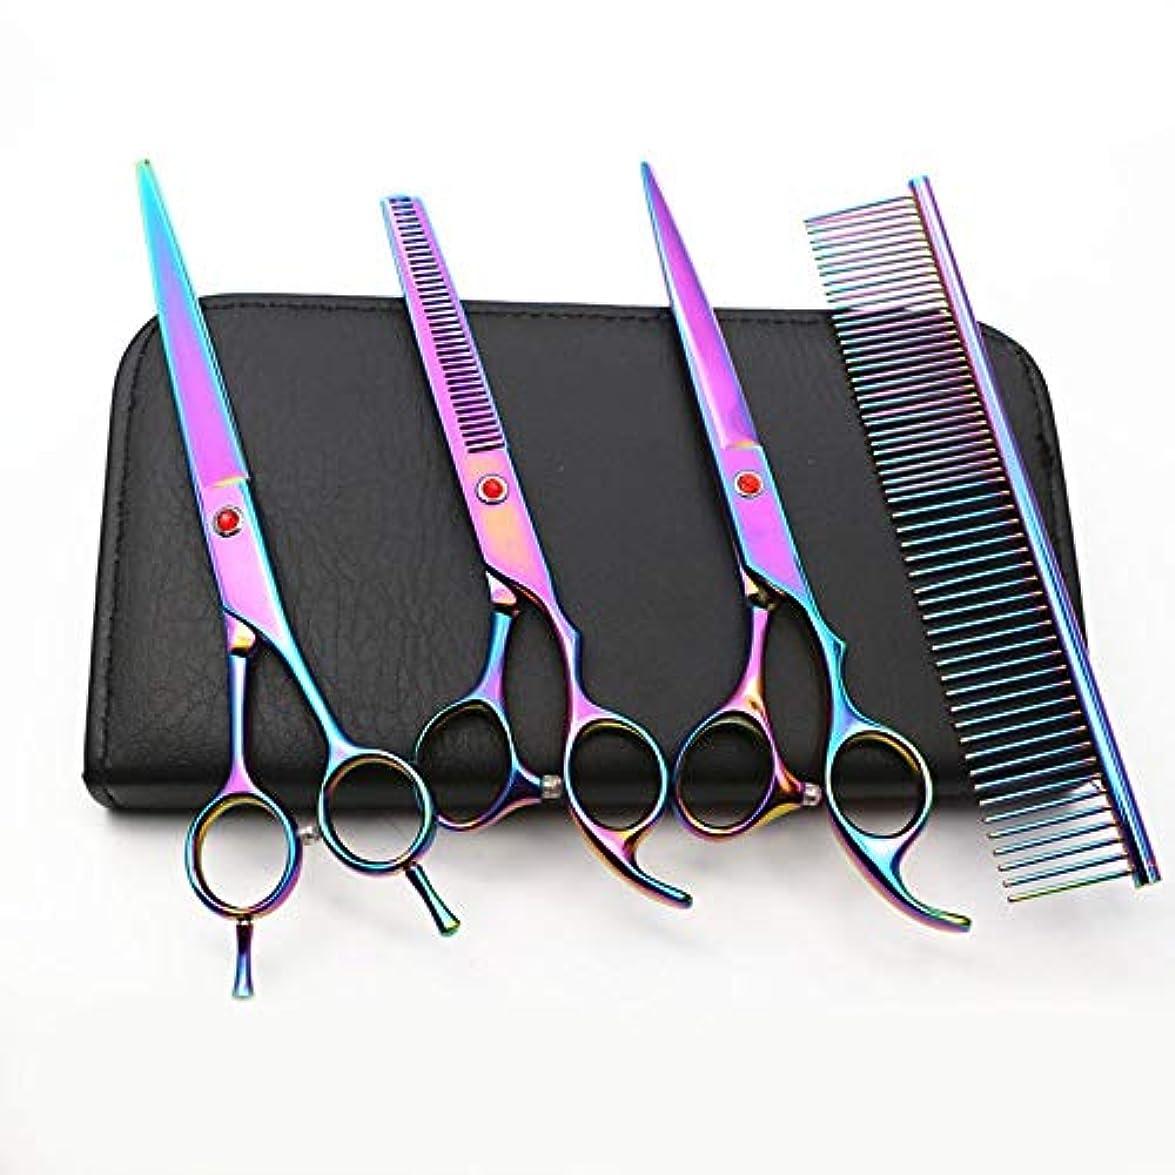 きゅうりスーツケースレプリカ多彩なペット曲がるはさみ5部分セット、上限色ペット理髪はさみ ヘアケア (色 : Colors)